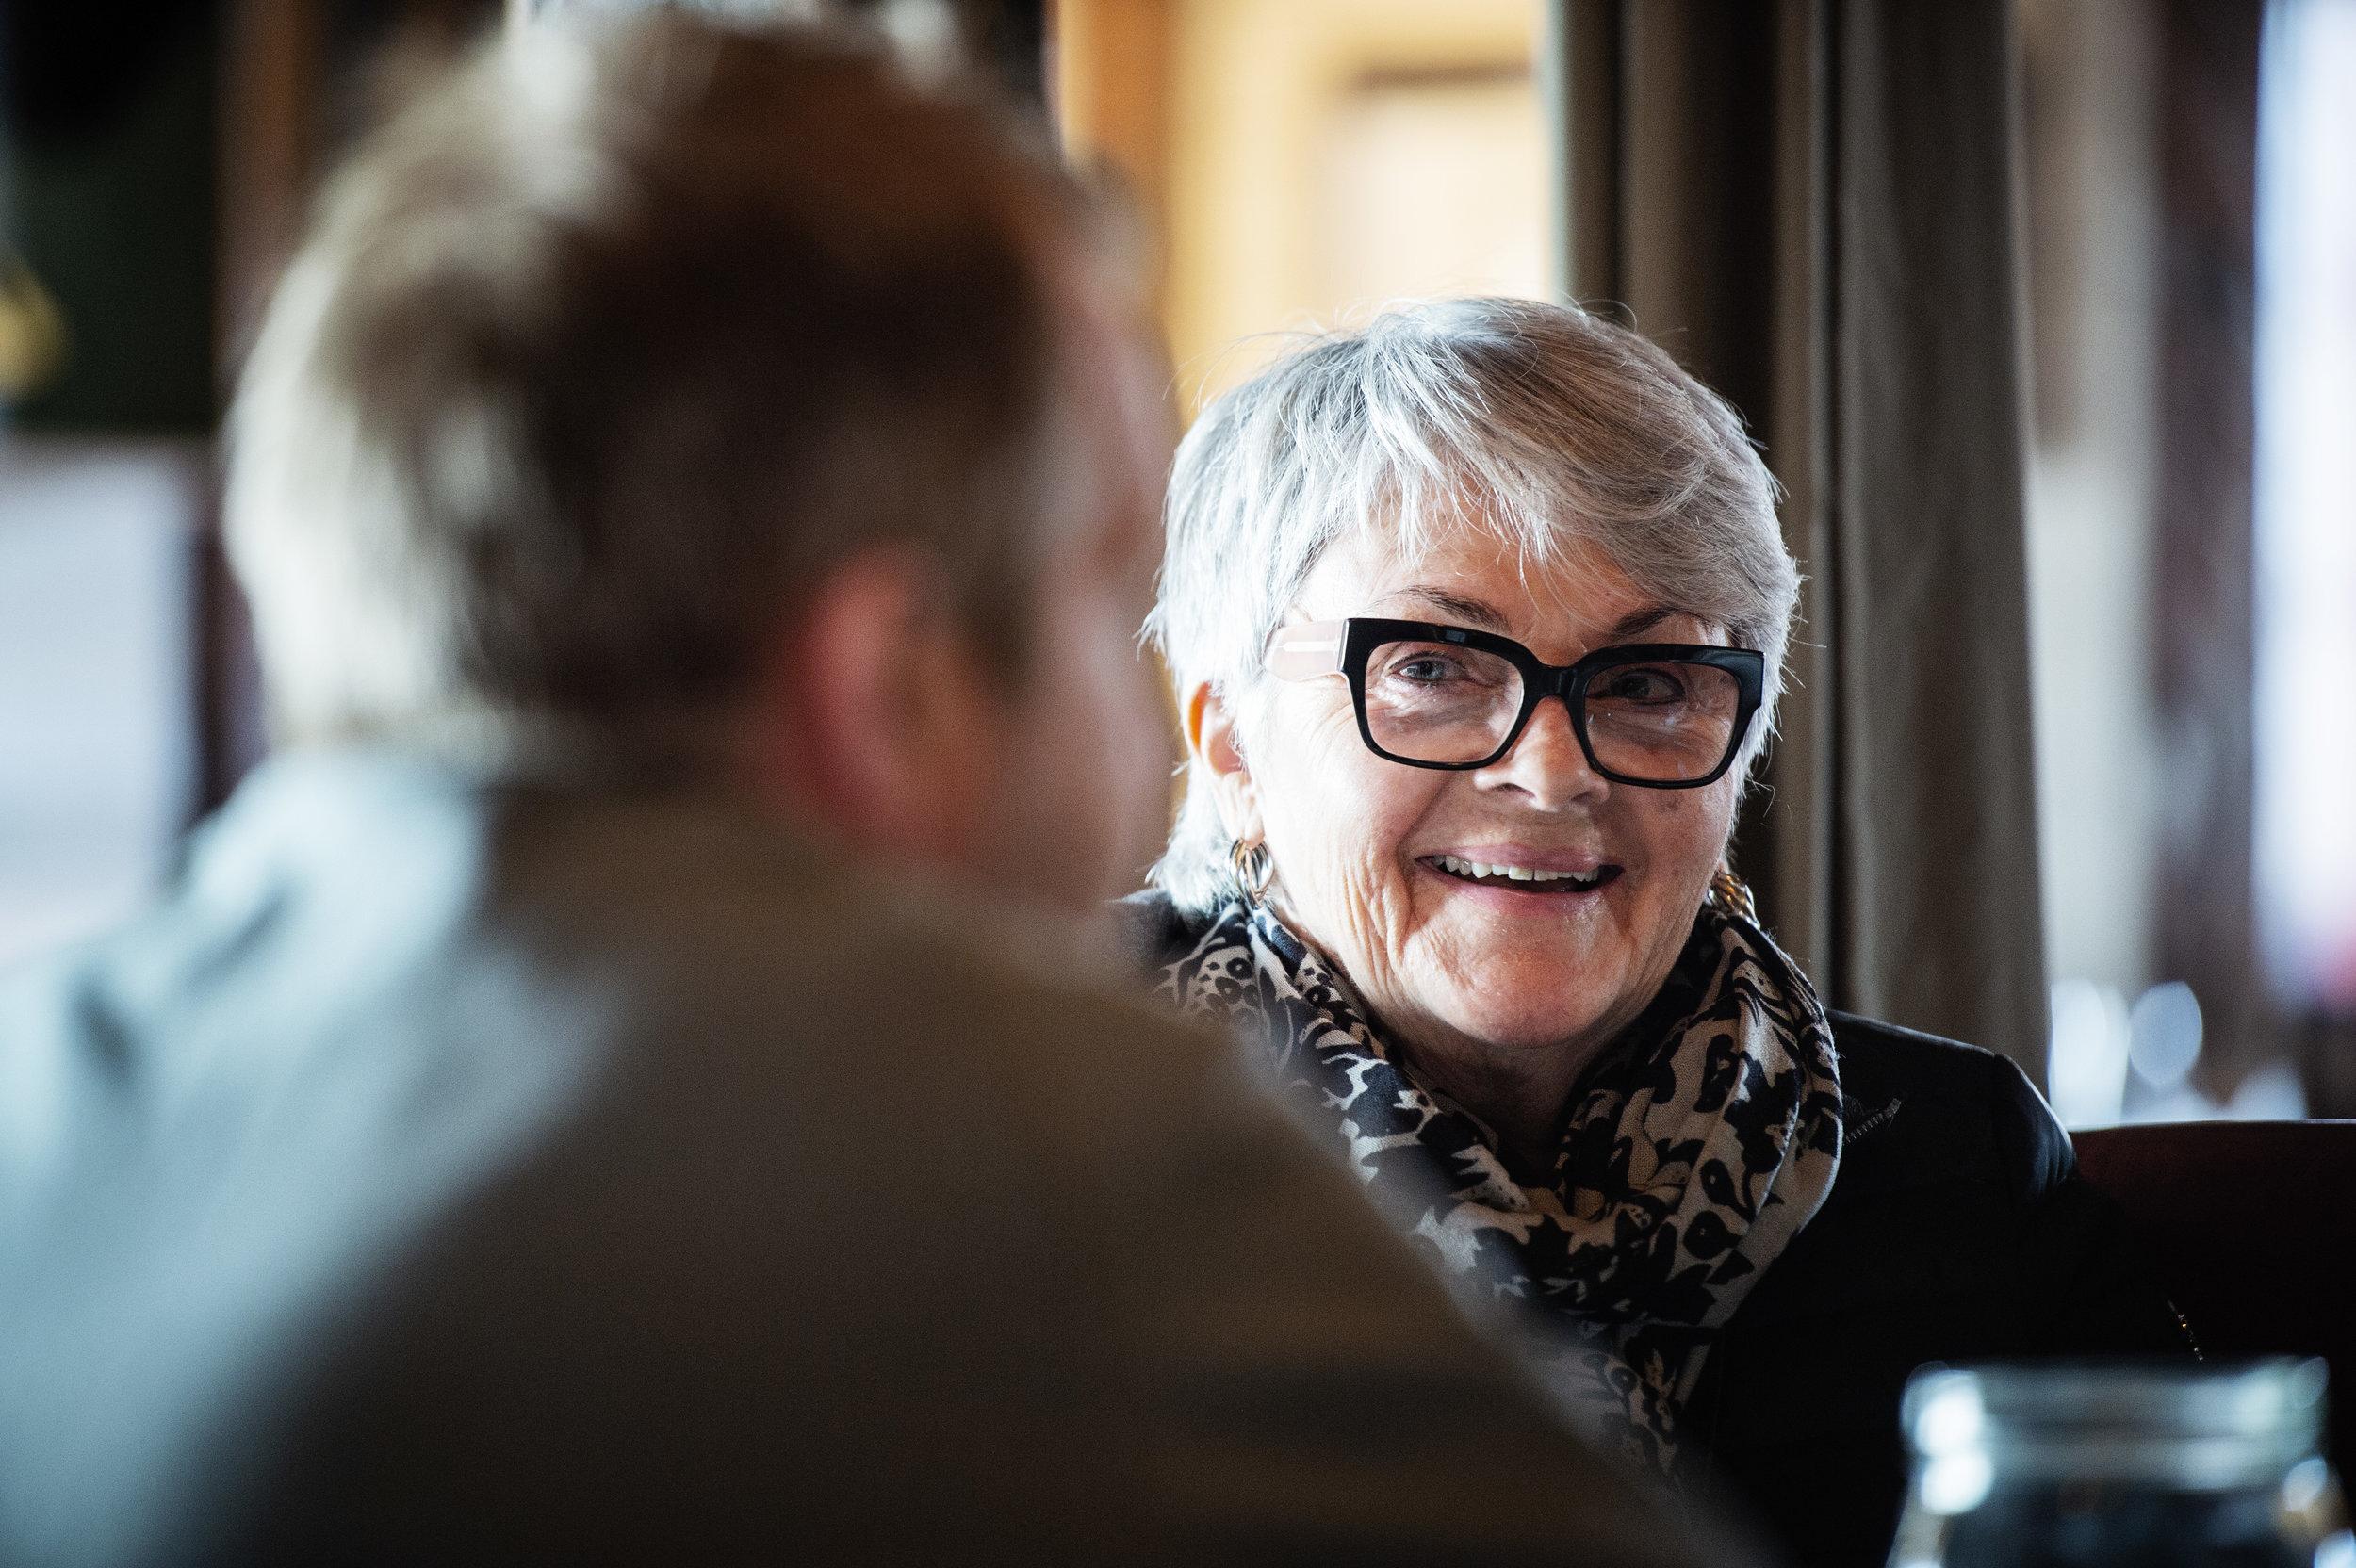 Merethe Gundegjerde som jobbet som servitør i Sjøhusets spede begynnelse, har mange gode historier å trekke opp av hatten.